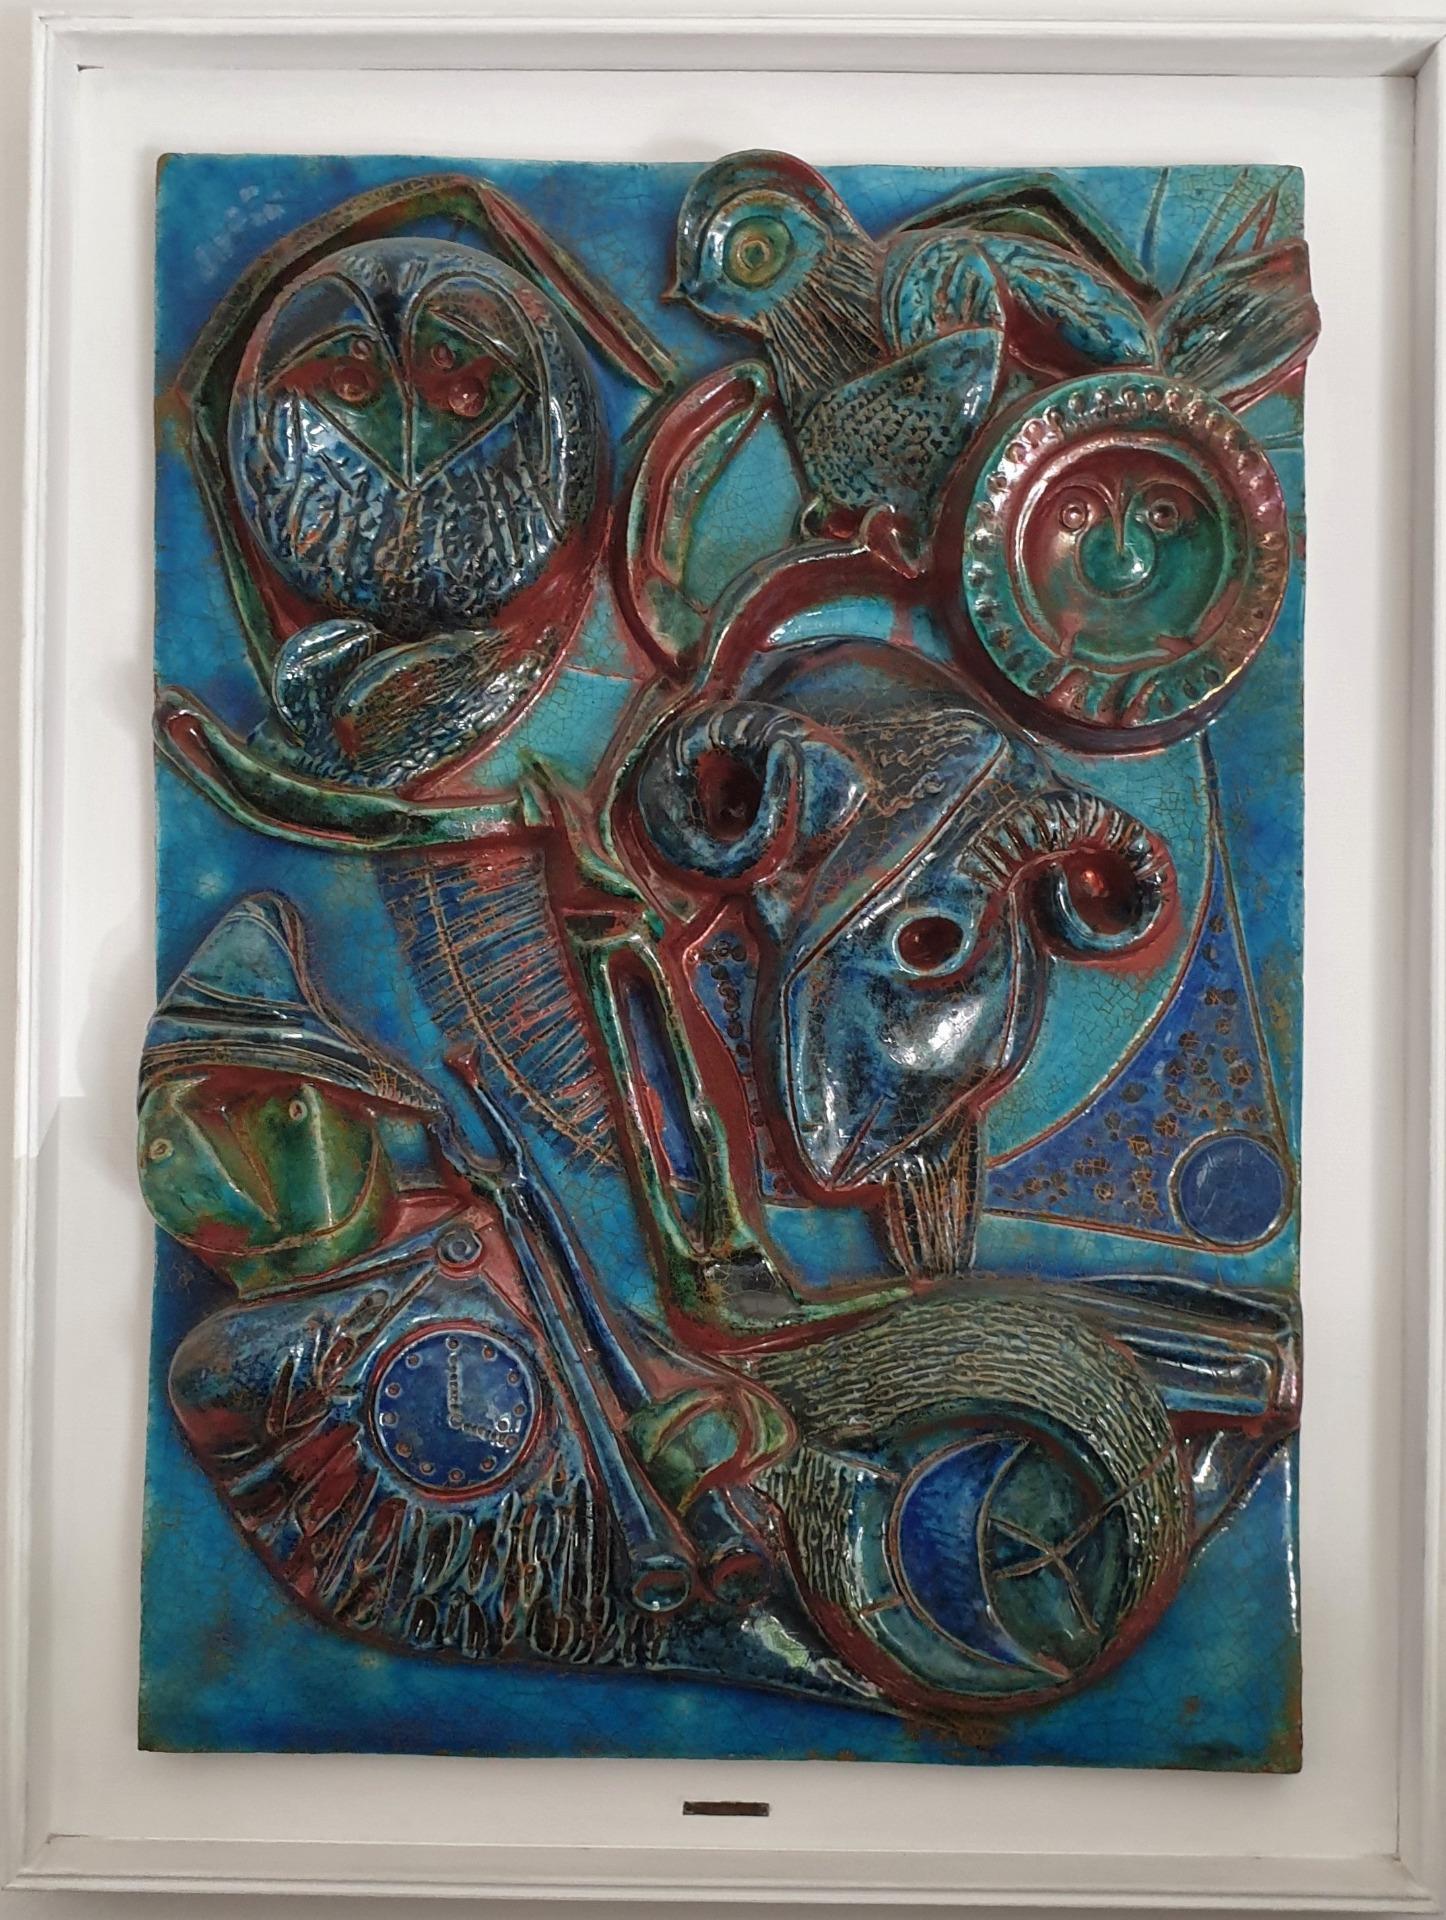 thumb2|Carlo Zauli. Pendant di mattonelle